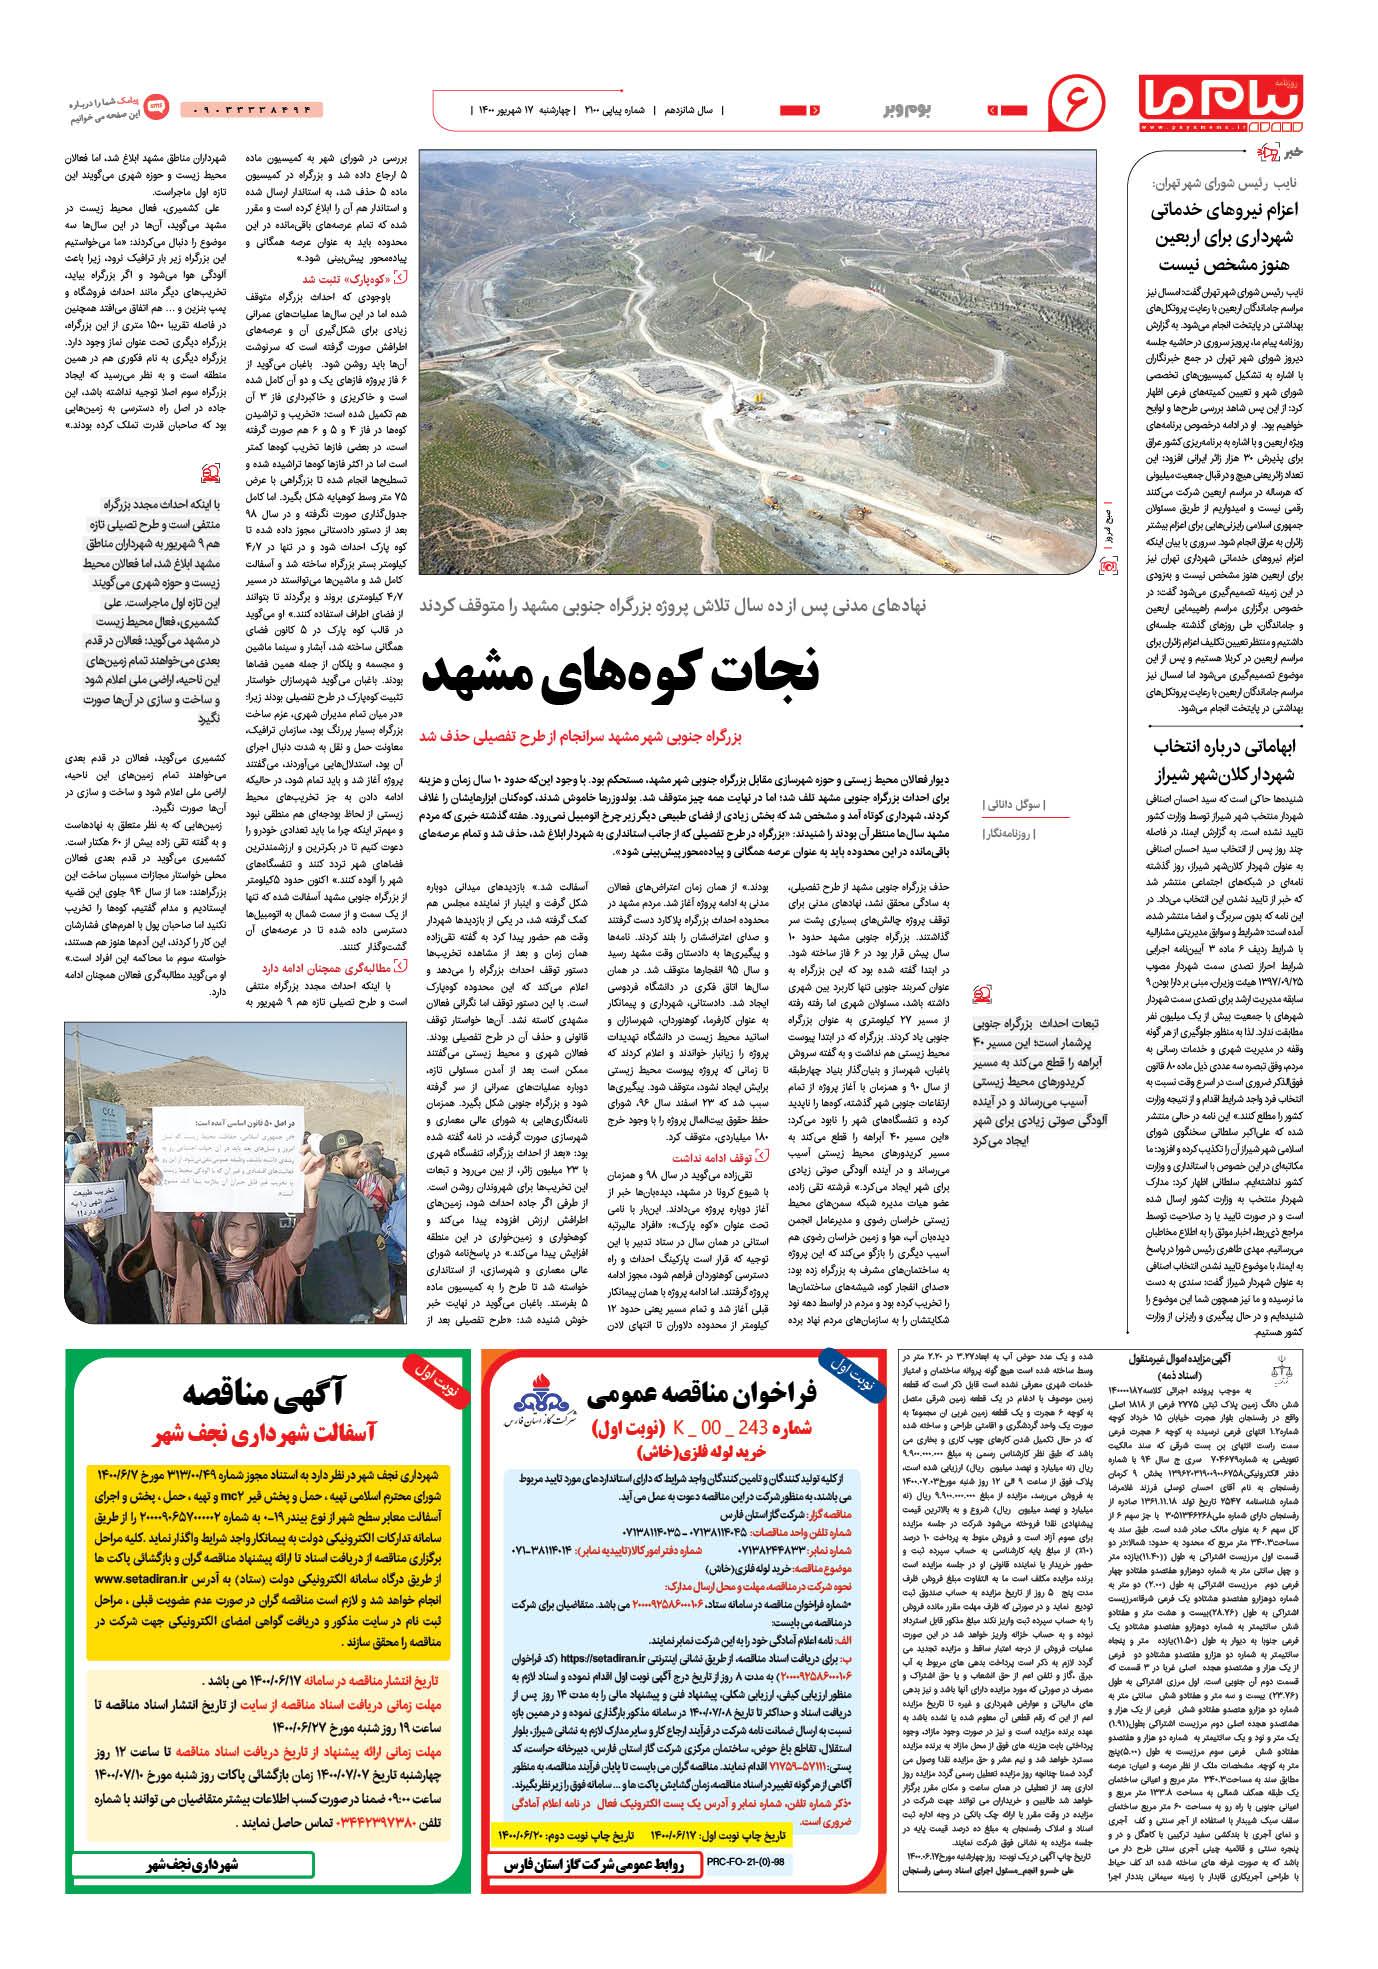 صفحه بوم و بر شماره 2100 روزنامه پیام ما